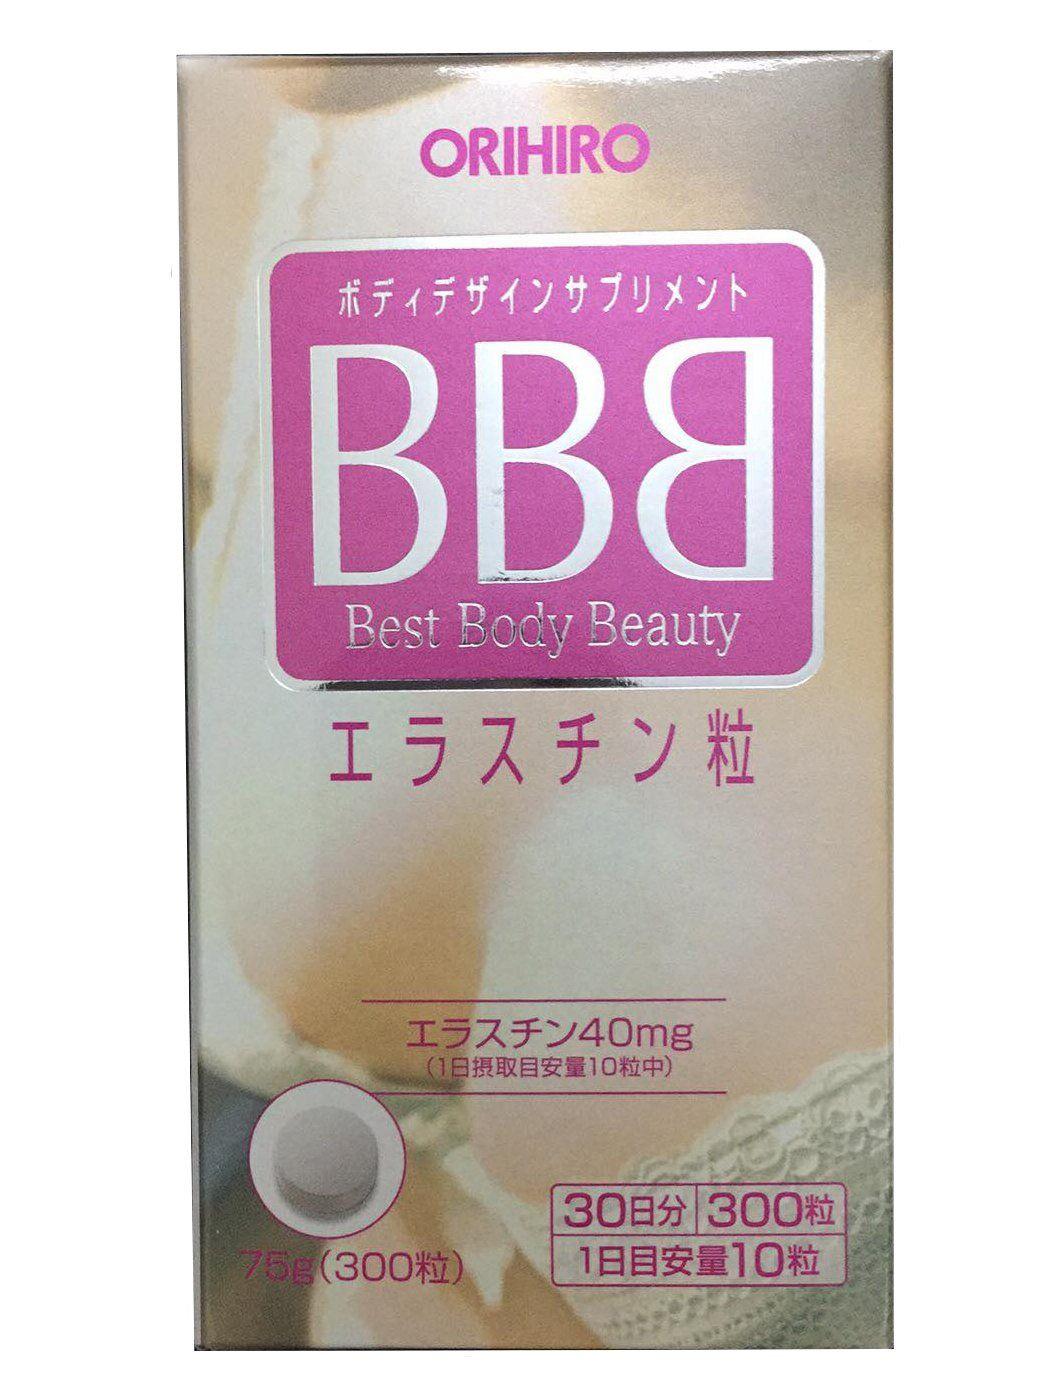 Viên Uống BBB Orihiro Chính Hãng Nhật Bản